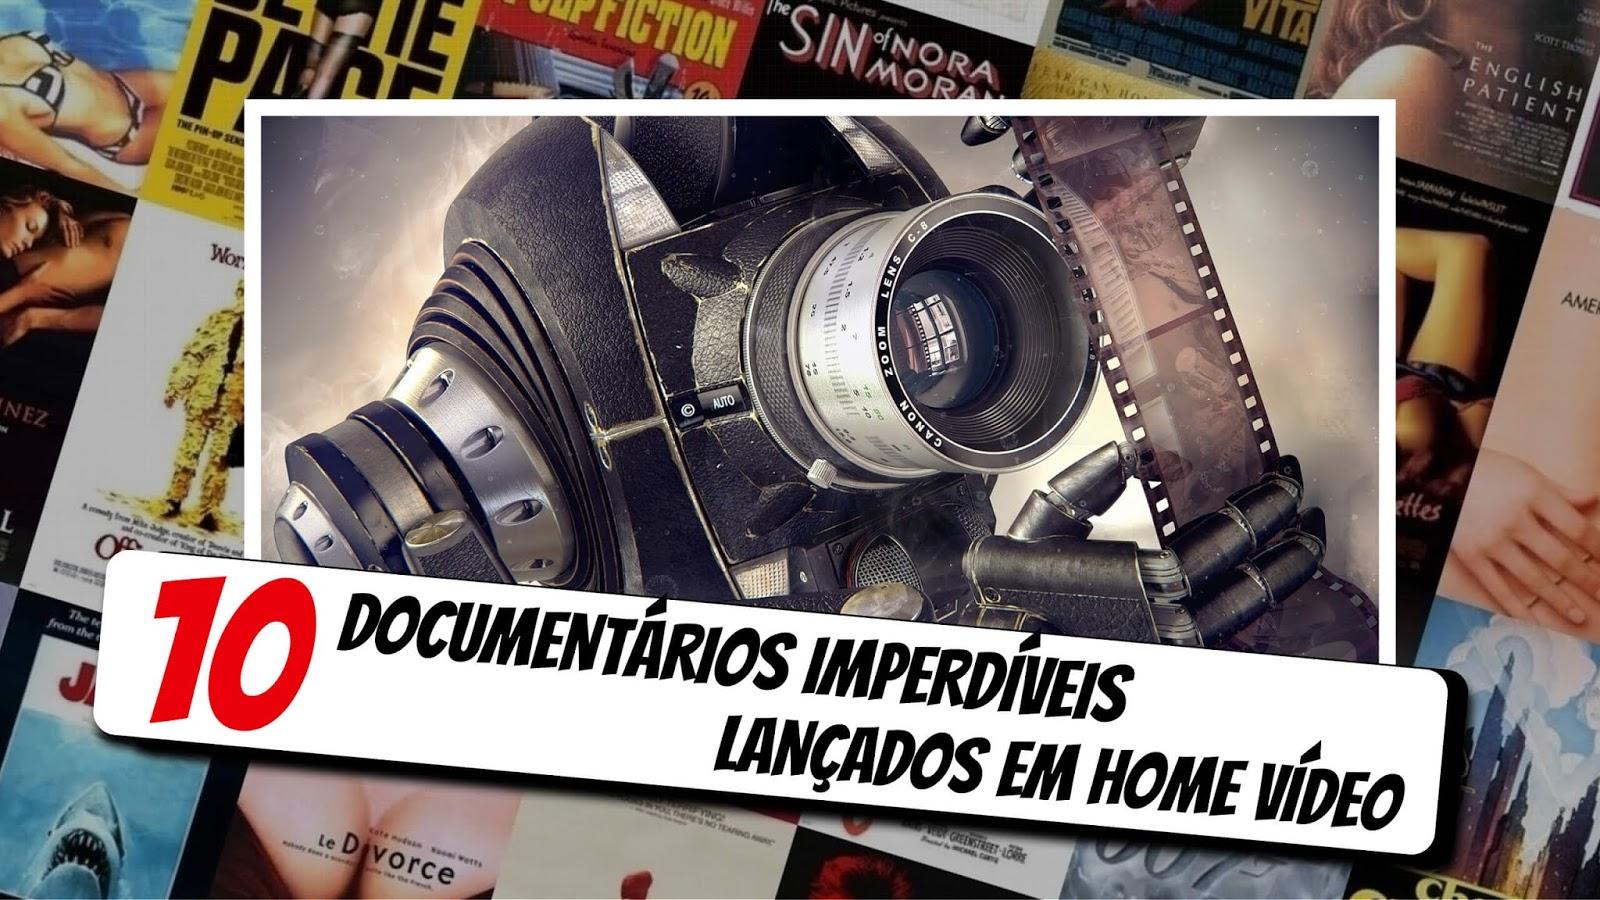 10 DOCUMENTÁRIOS IMPERDÍVEIS LANÇADOS EM HOME VÍDEO